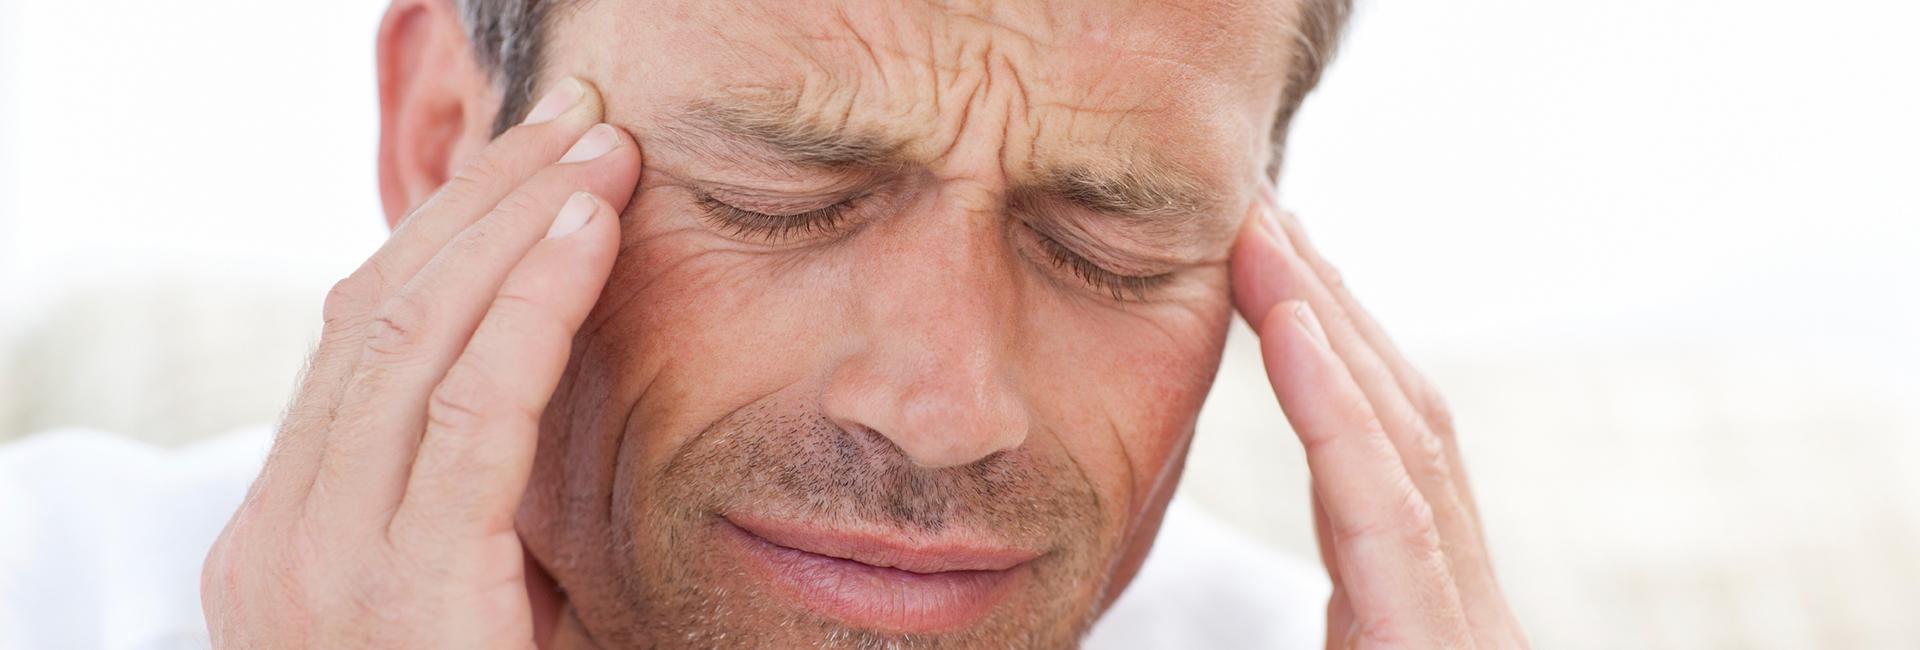 Prestamos tratamiento de fisioterapia y osteopatía en cabeza y cuello